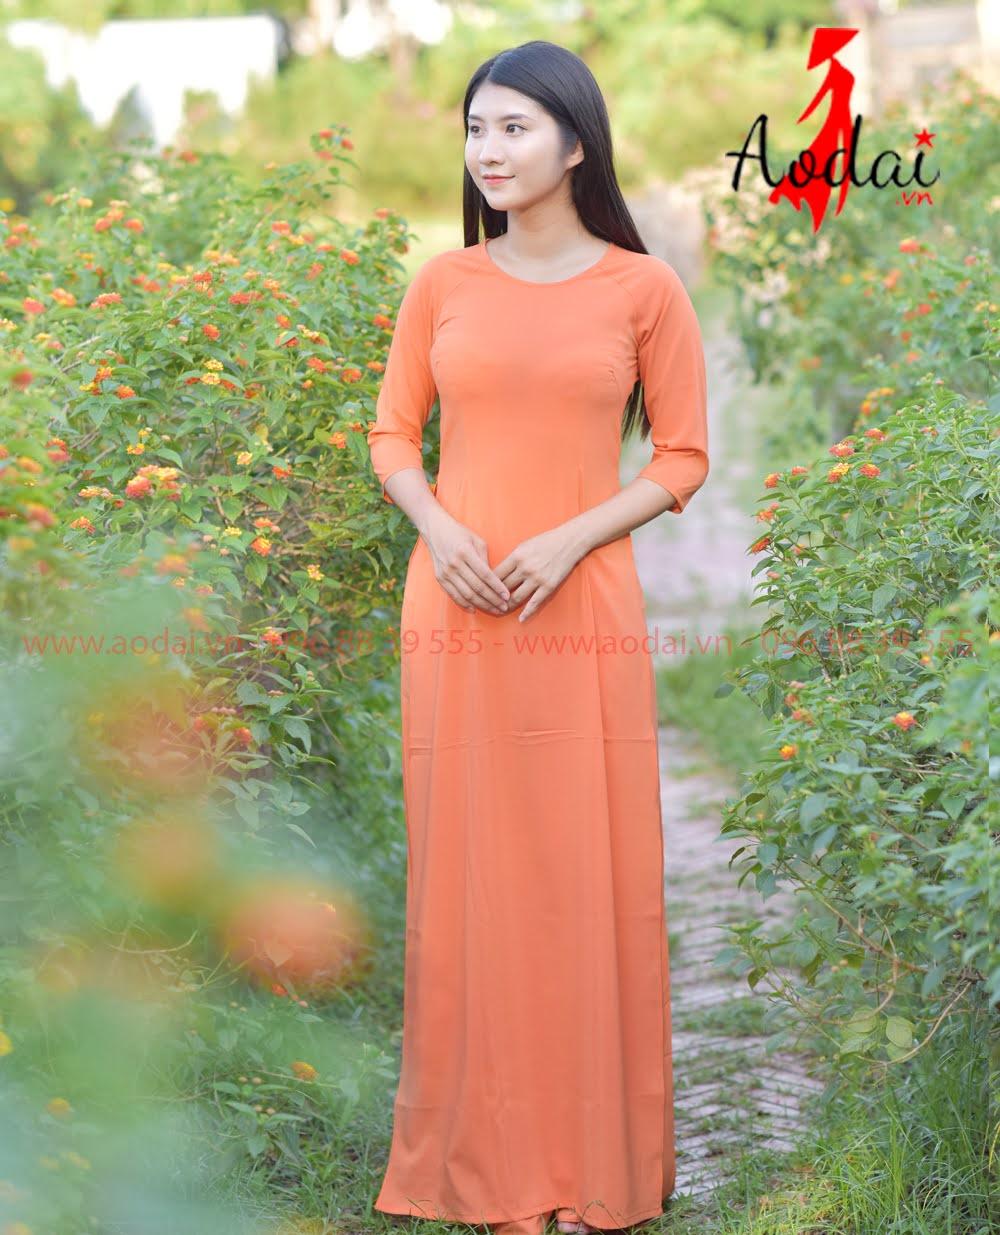 In áo dài tại Thanh Xuân